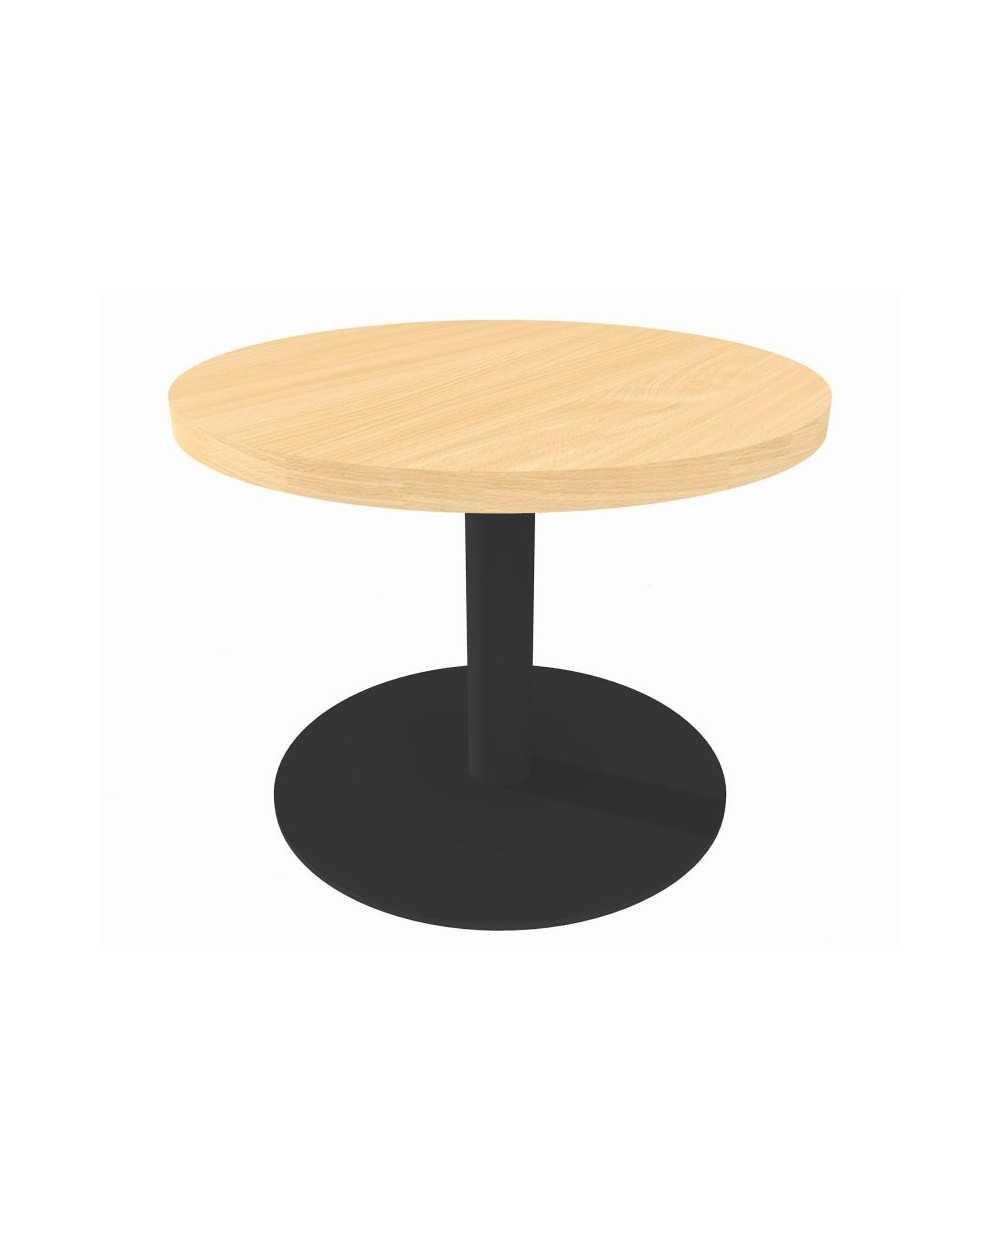 Table de salon ronde avec pied central, Æ 60 cm x 45 cm, hêtre.